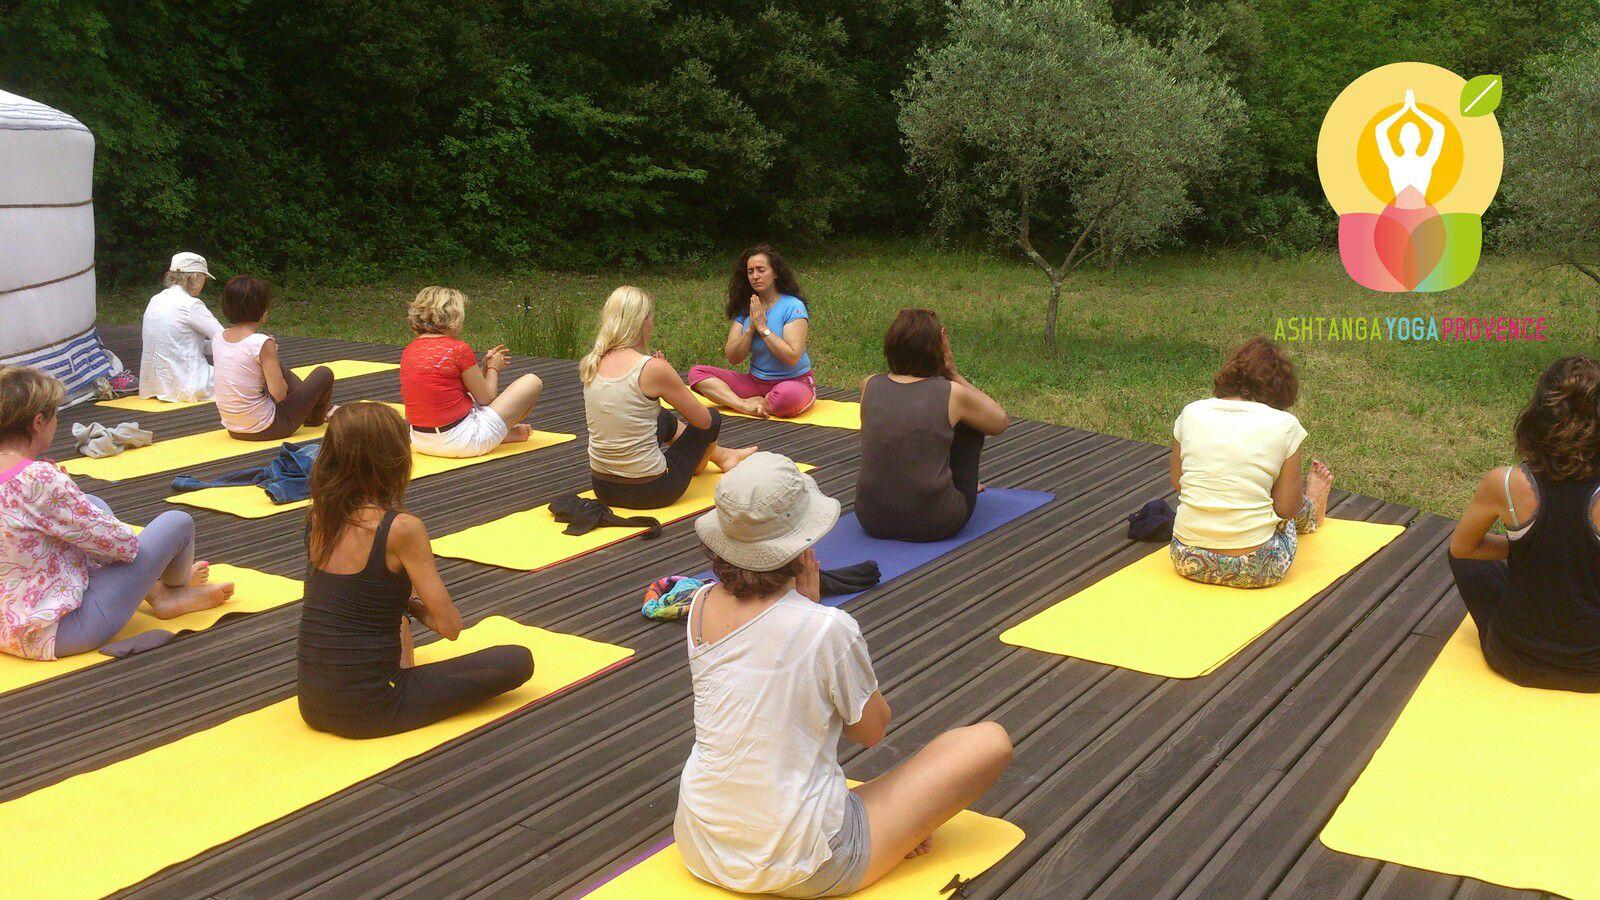 Trois matinées pour approfondirvotre pratique d'Ashtanga Vinyasa Yoga.